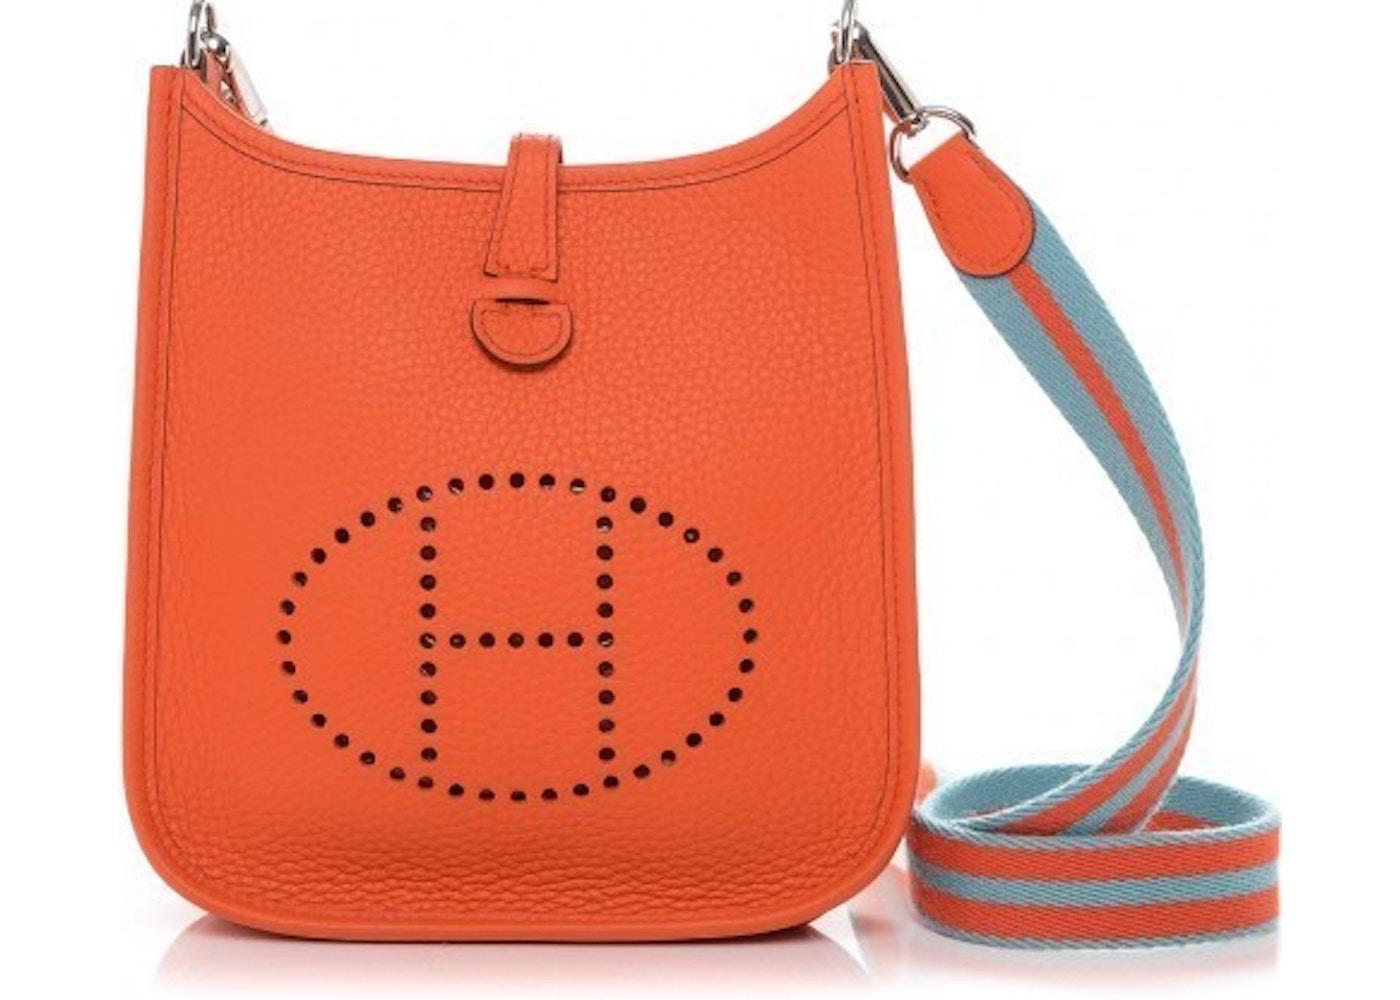 d67e71ef4e6b Hermes Messenger Evelyne I Clemence Amazon Strap TPM Orange ...